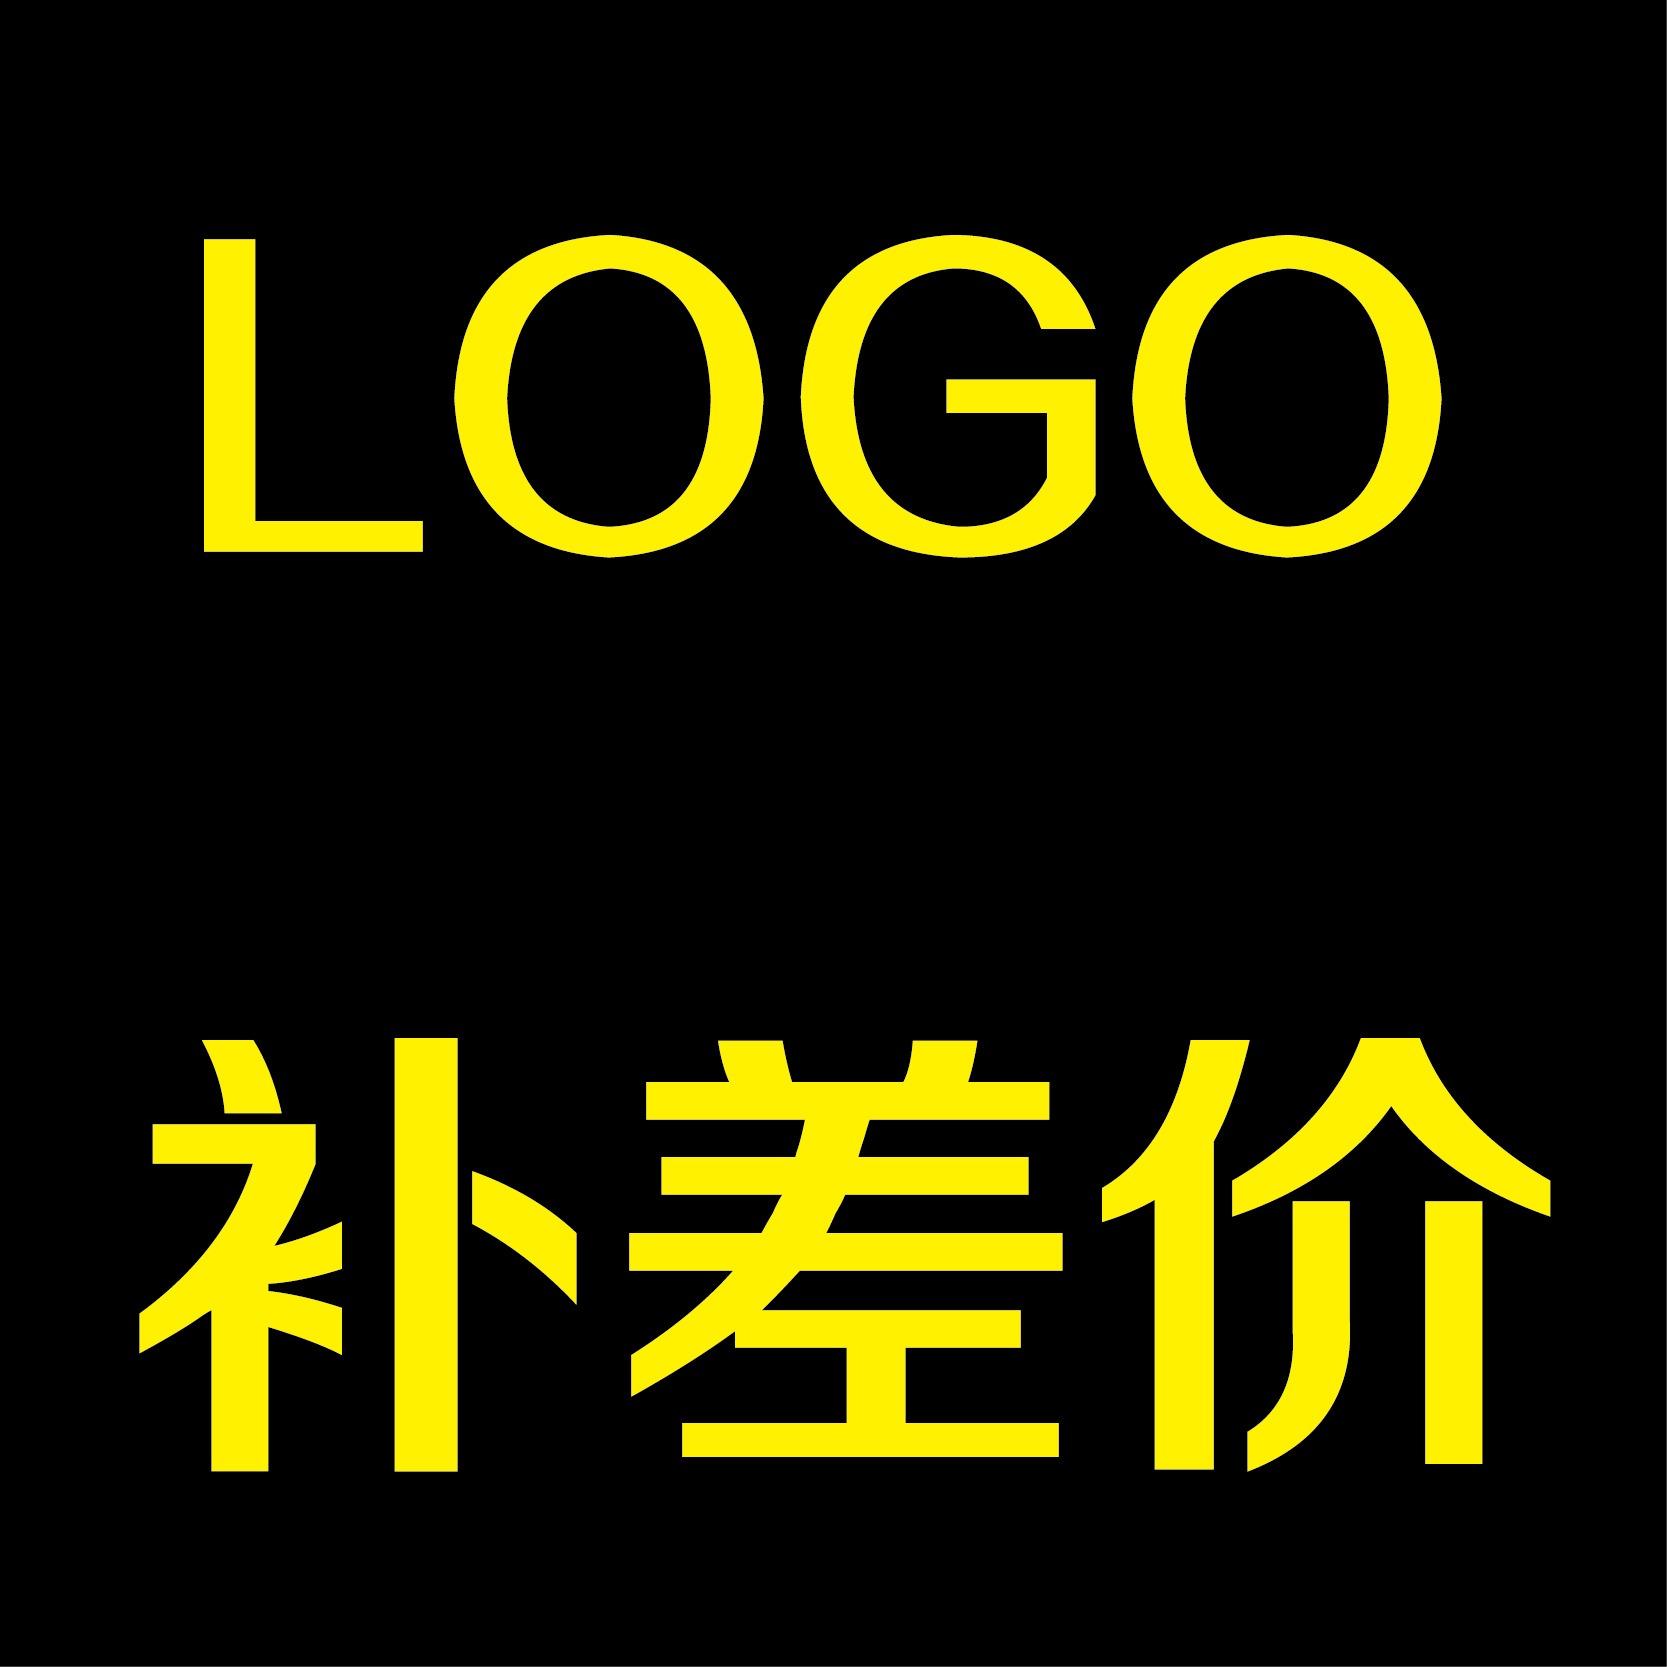 【补差价】公司logo 设计 招标补差价商标LOGO品牌标志 设计